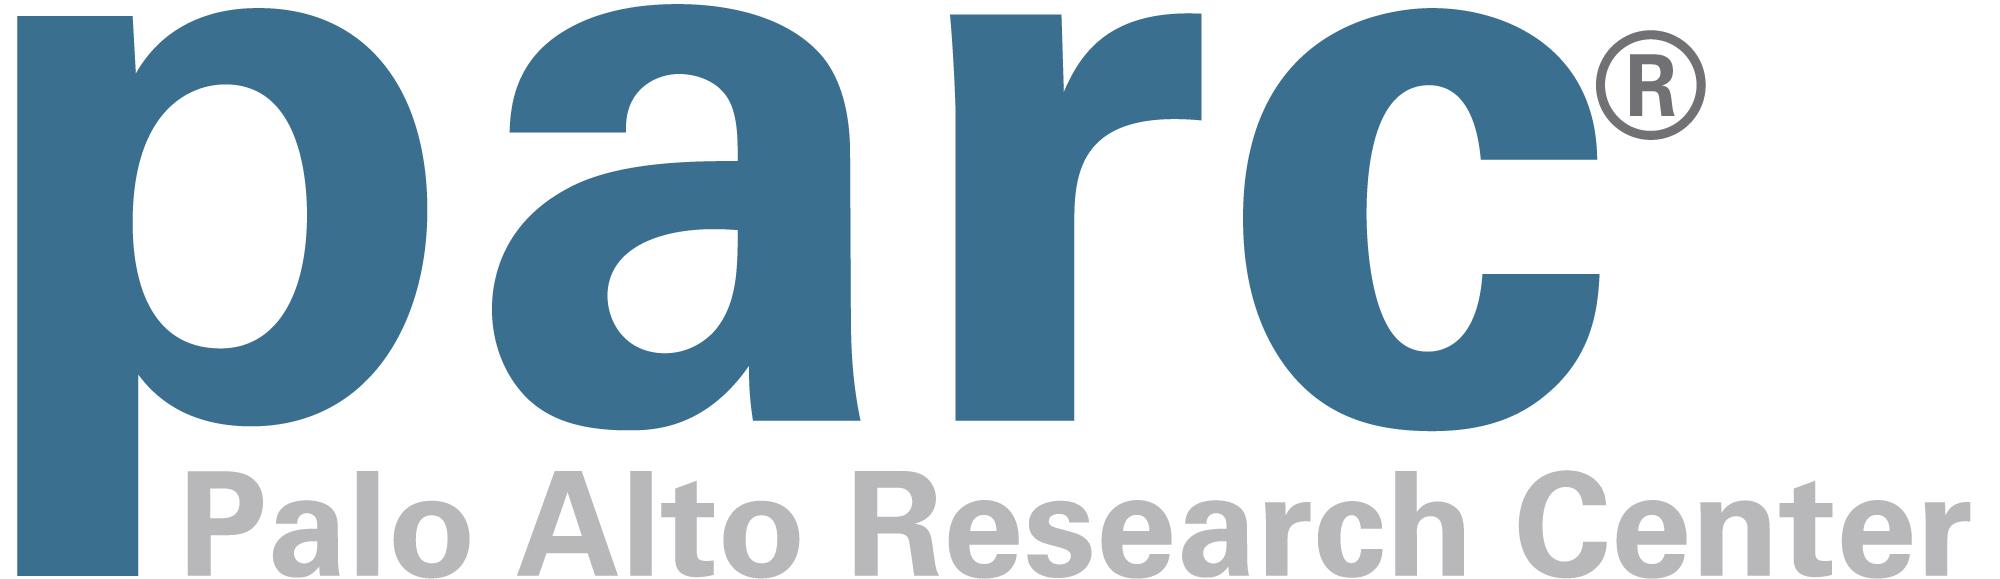 Palo Alto Research Center (PARC).